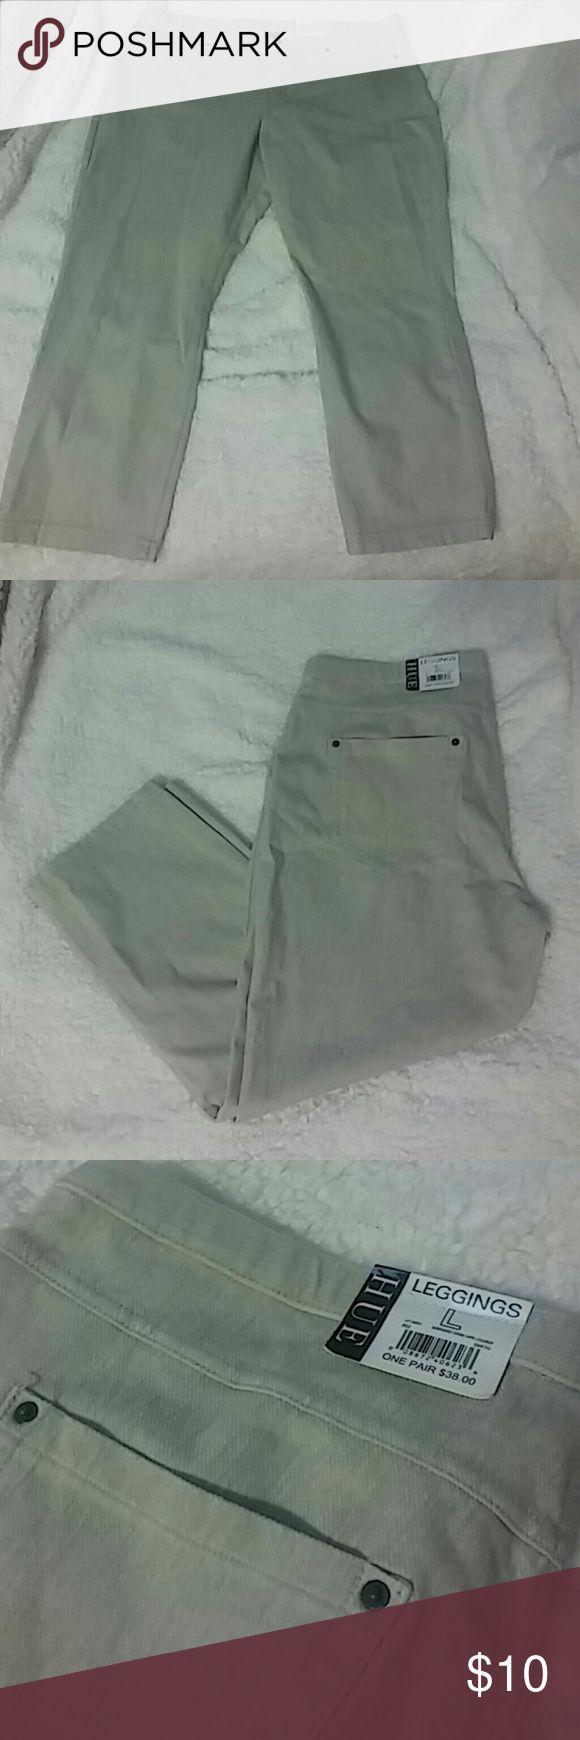 HUE khaki capris Brand new with tags, khaki Capri jeggings HUE Pants Capris